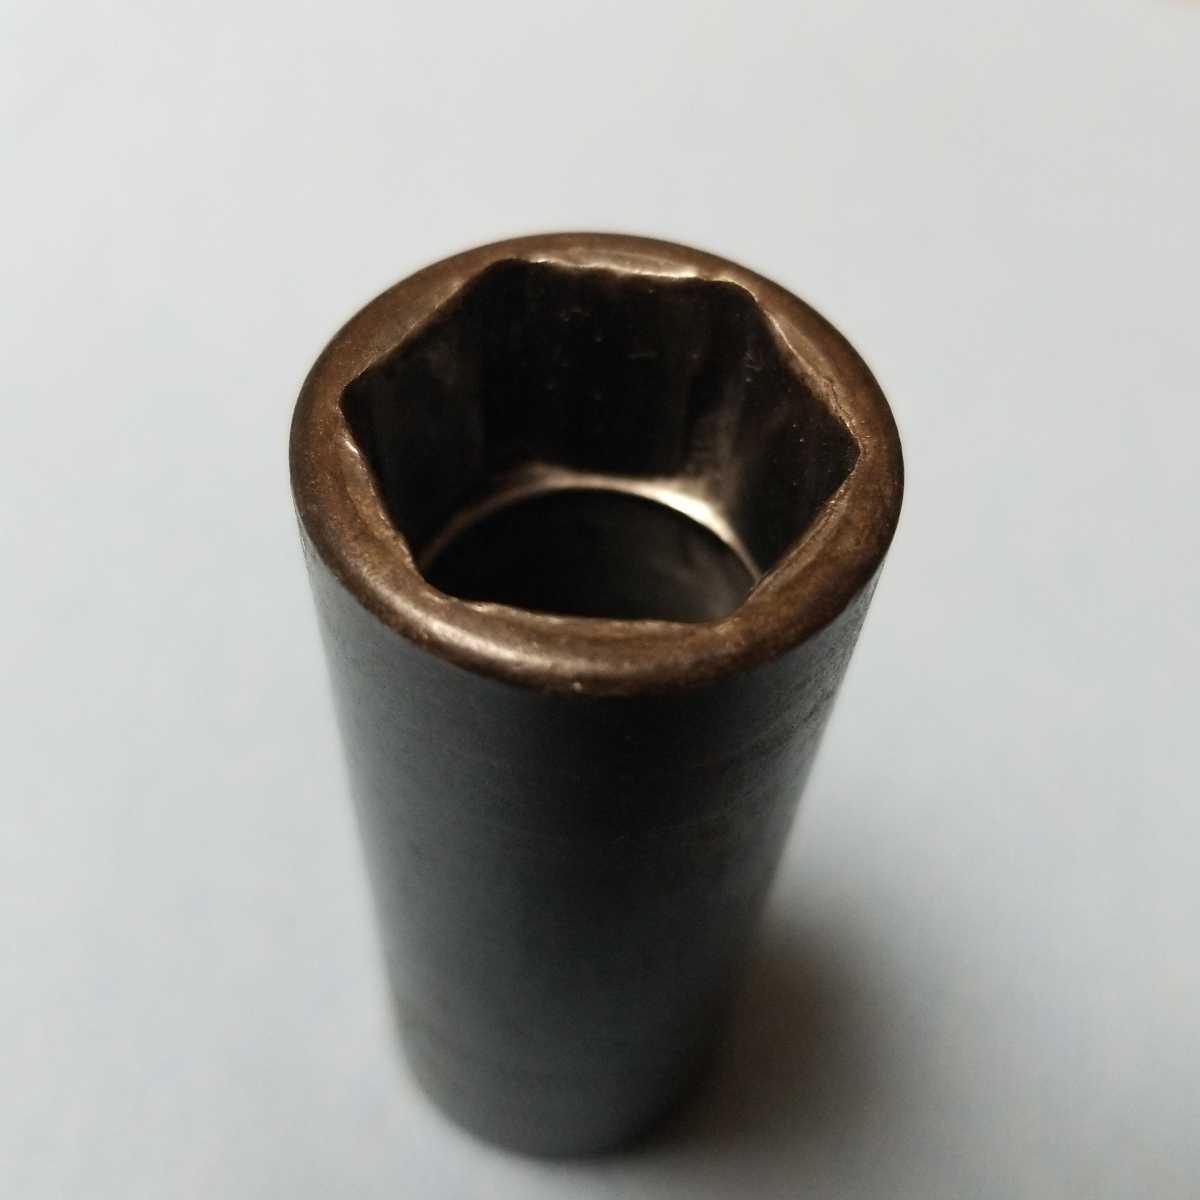 3/8 ディープ 19mm スナップオン インパクト ソケット SIMFML19 中古品 保管品 SNAP-ON SNAPON ディープソケット ソケットレンチ 旧ロゴ 6P_画像4